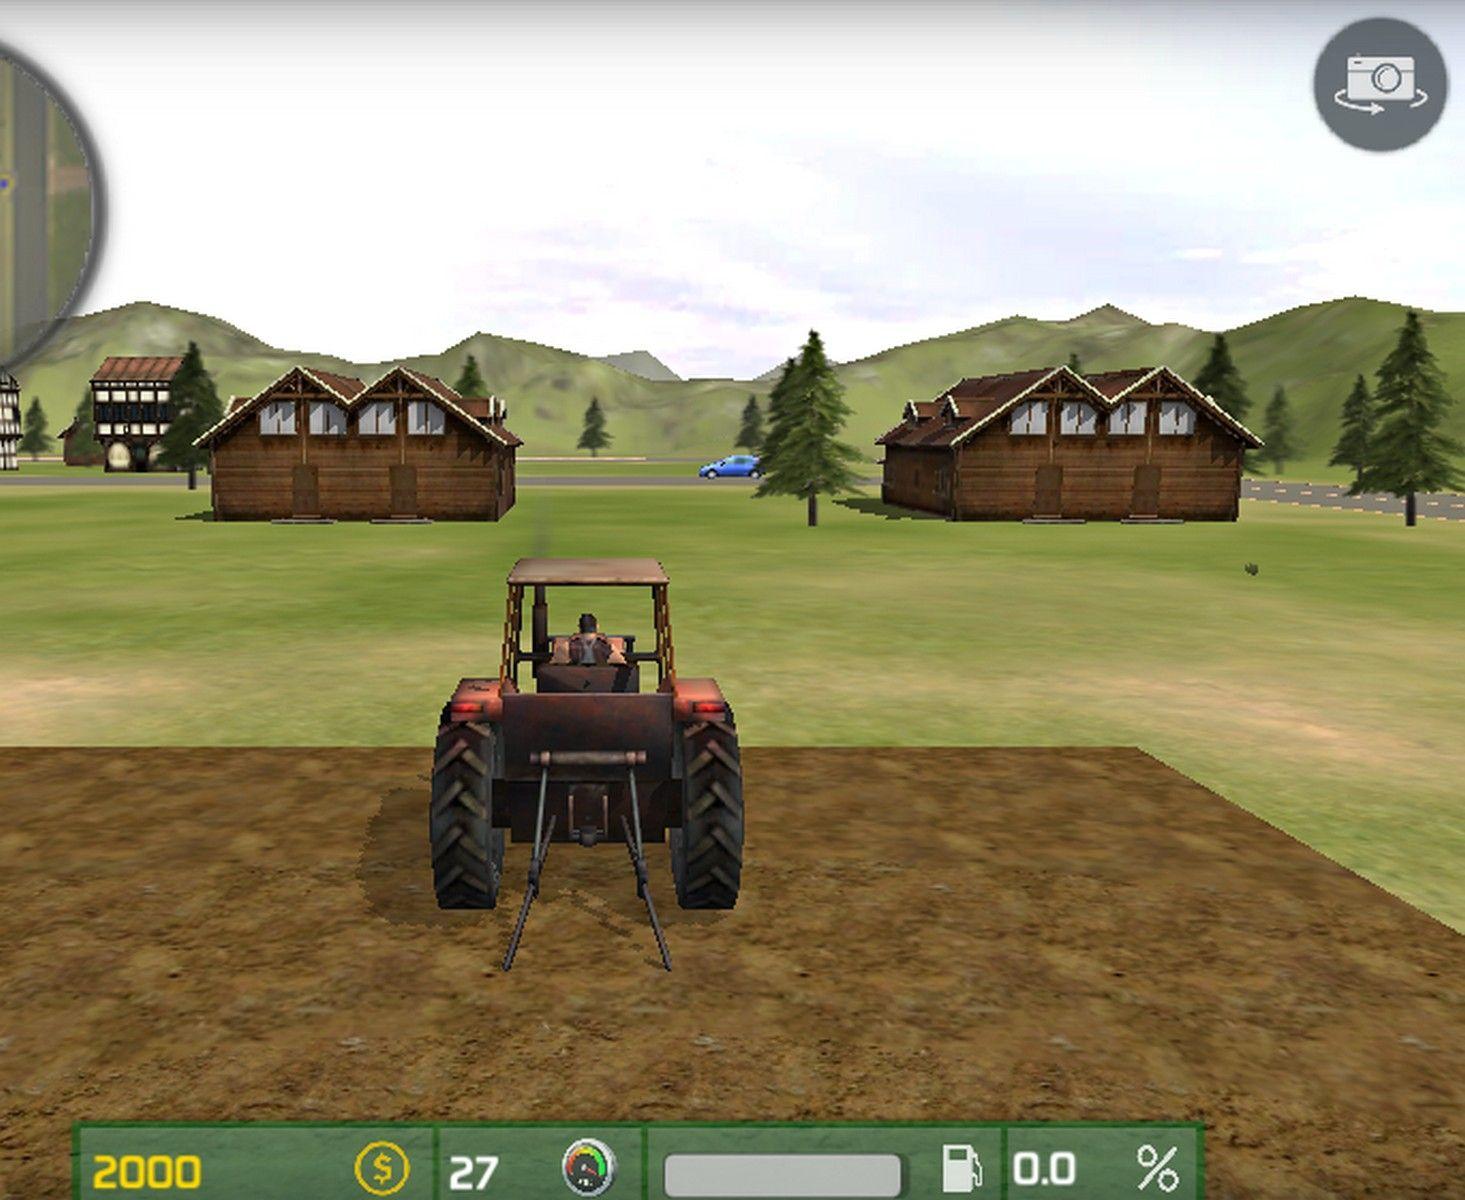 Farming simulator pacogames com http freegame site farming